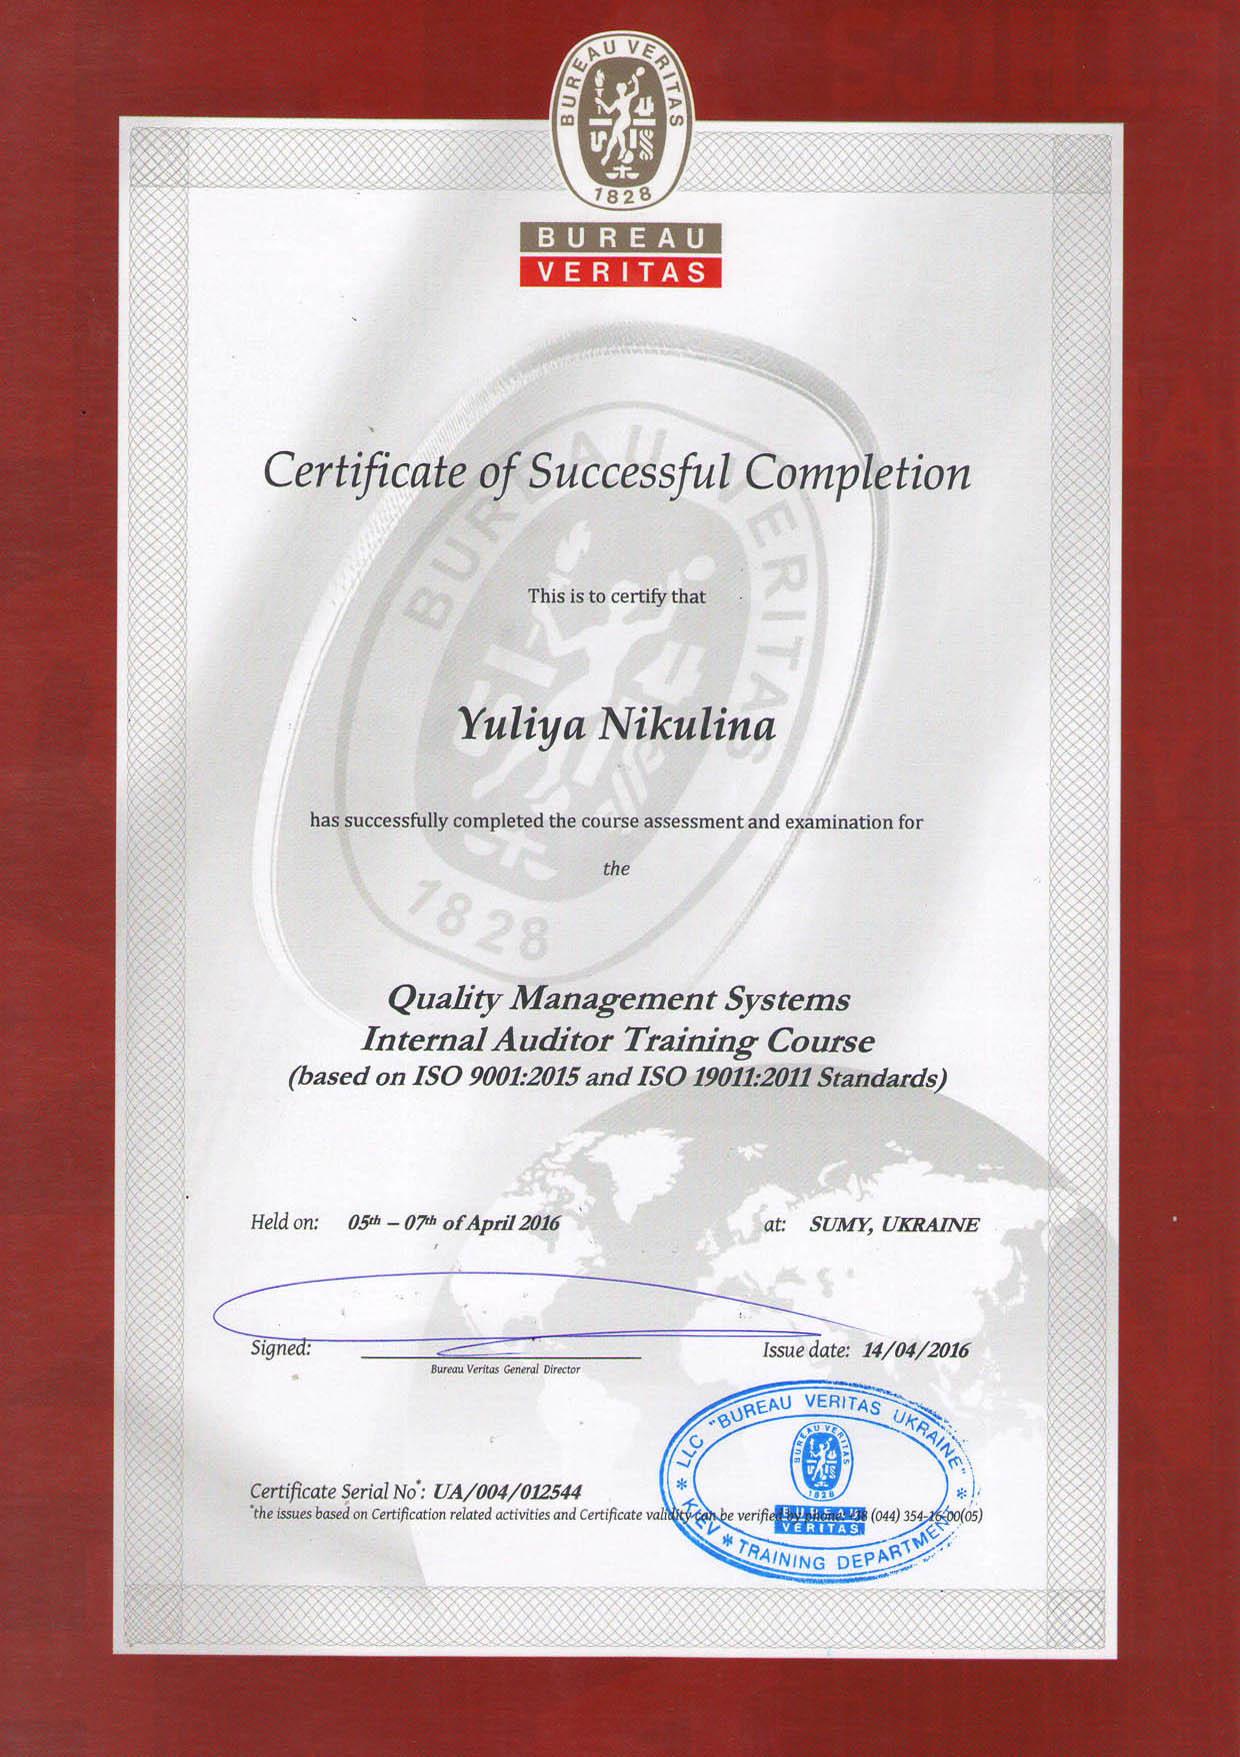 Сертификат BUREAU VERITAS - Никулина Ю.В.